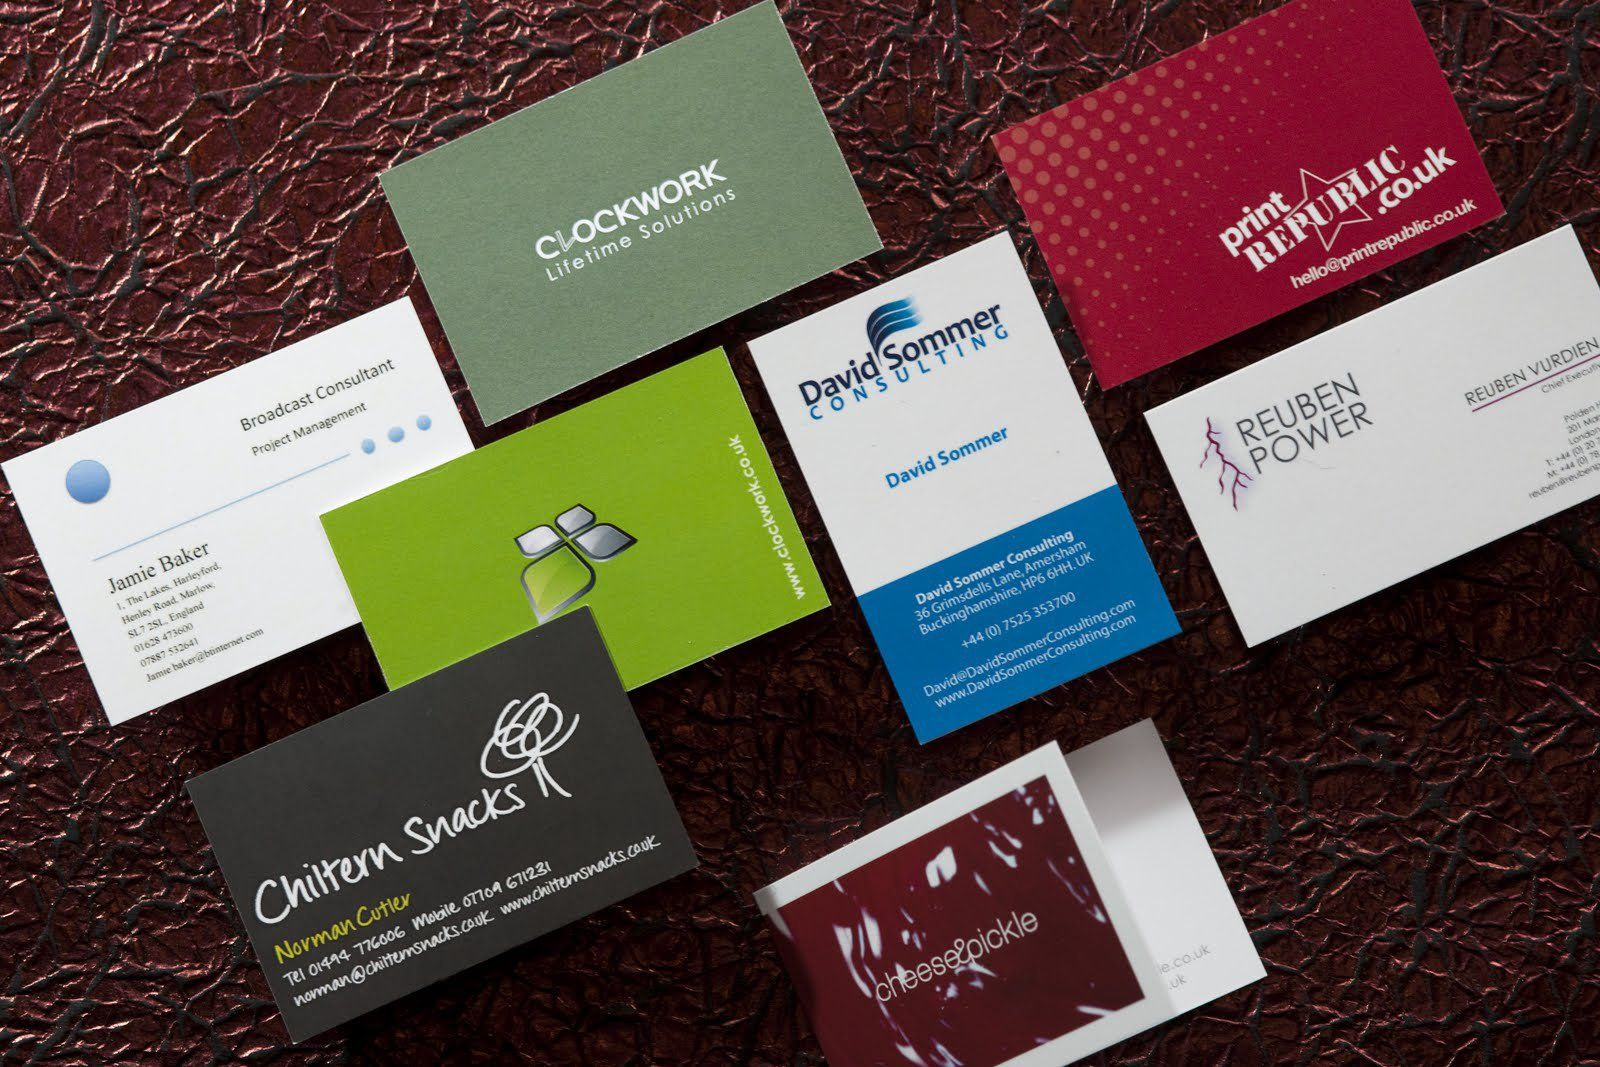 invitation-card-printers-in-bangalore   wedding invitations ...